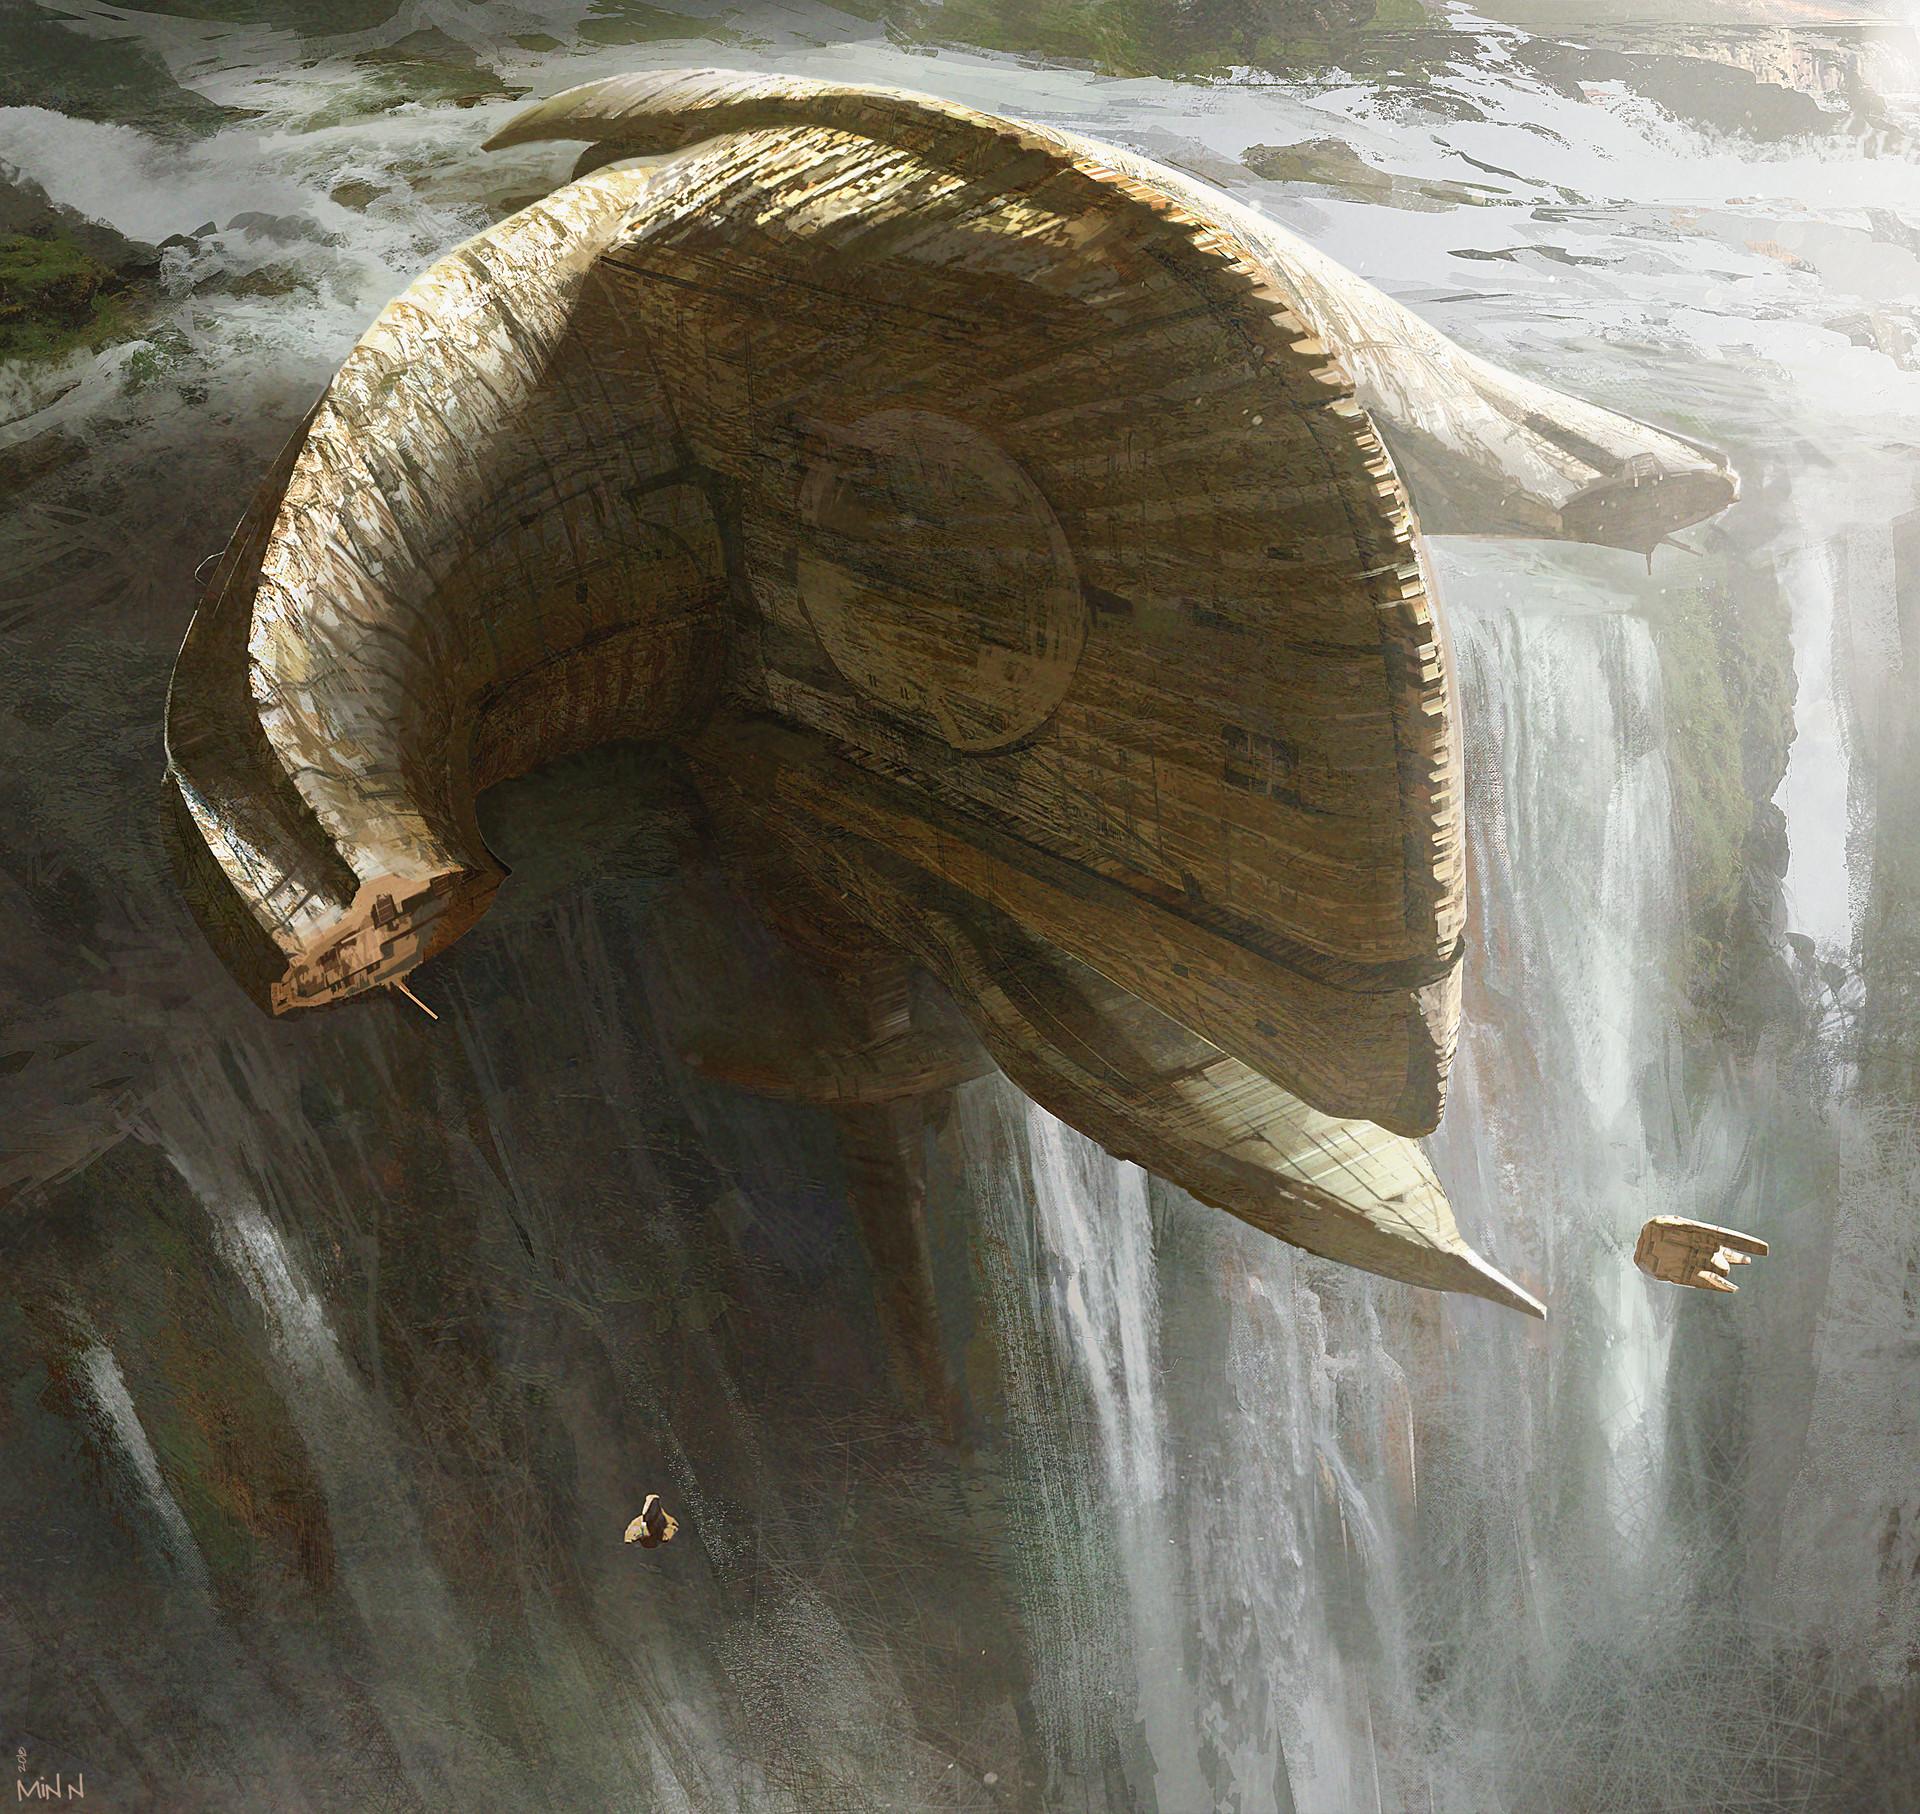 min-nguen-minnguen-personal-cliff-02-b.j